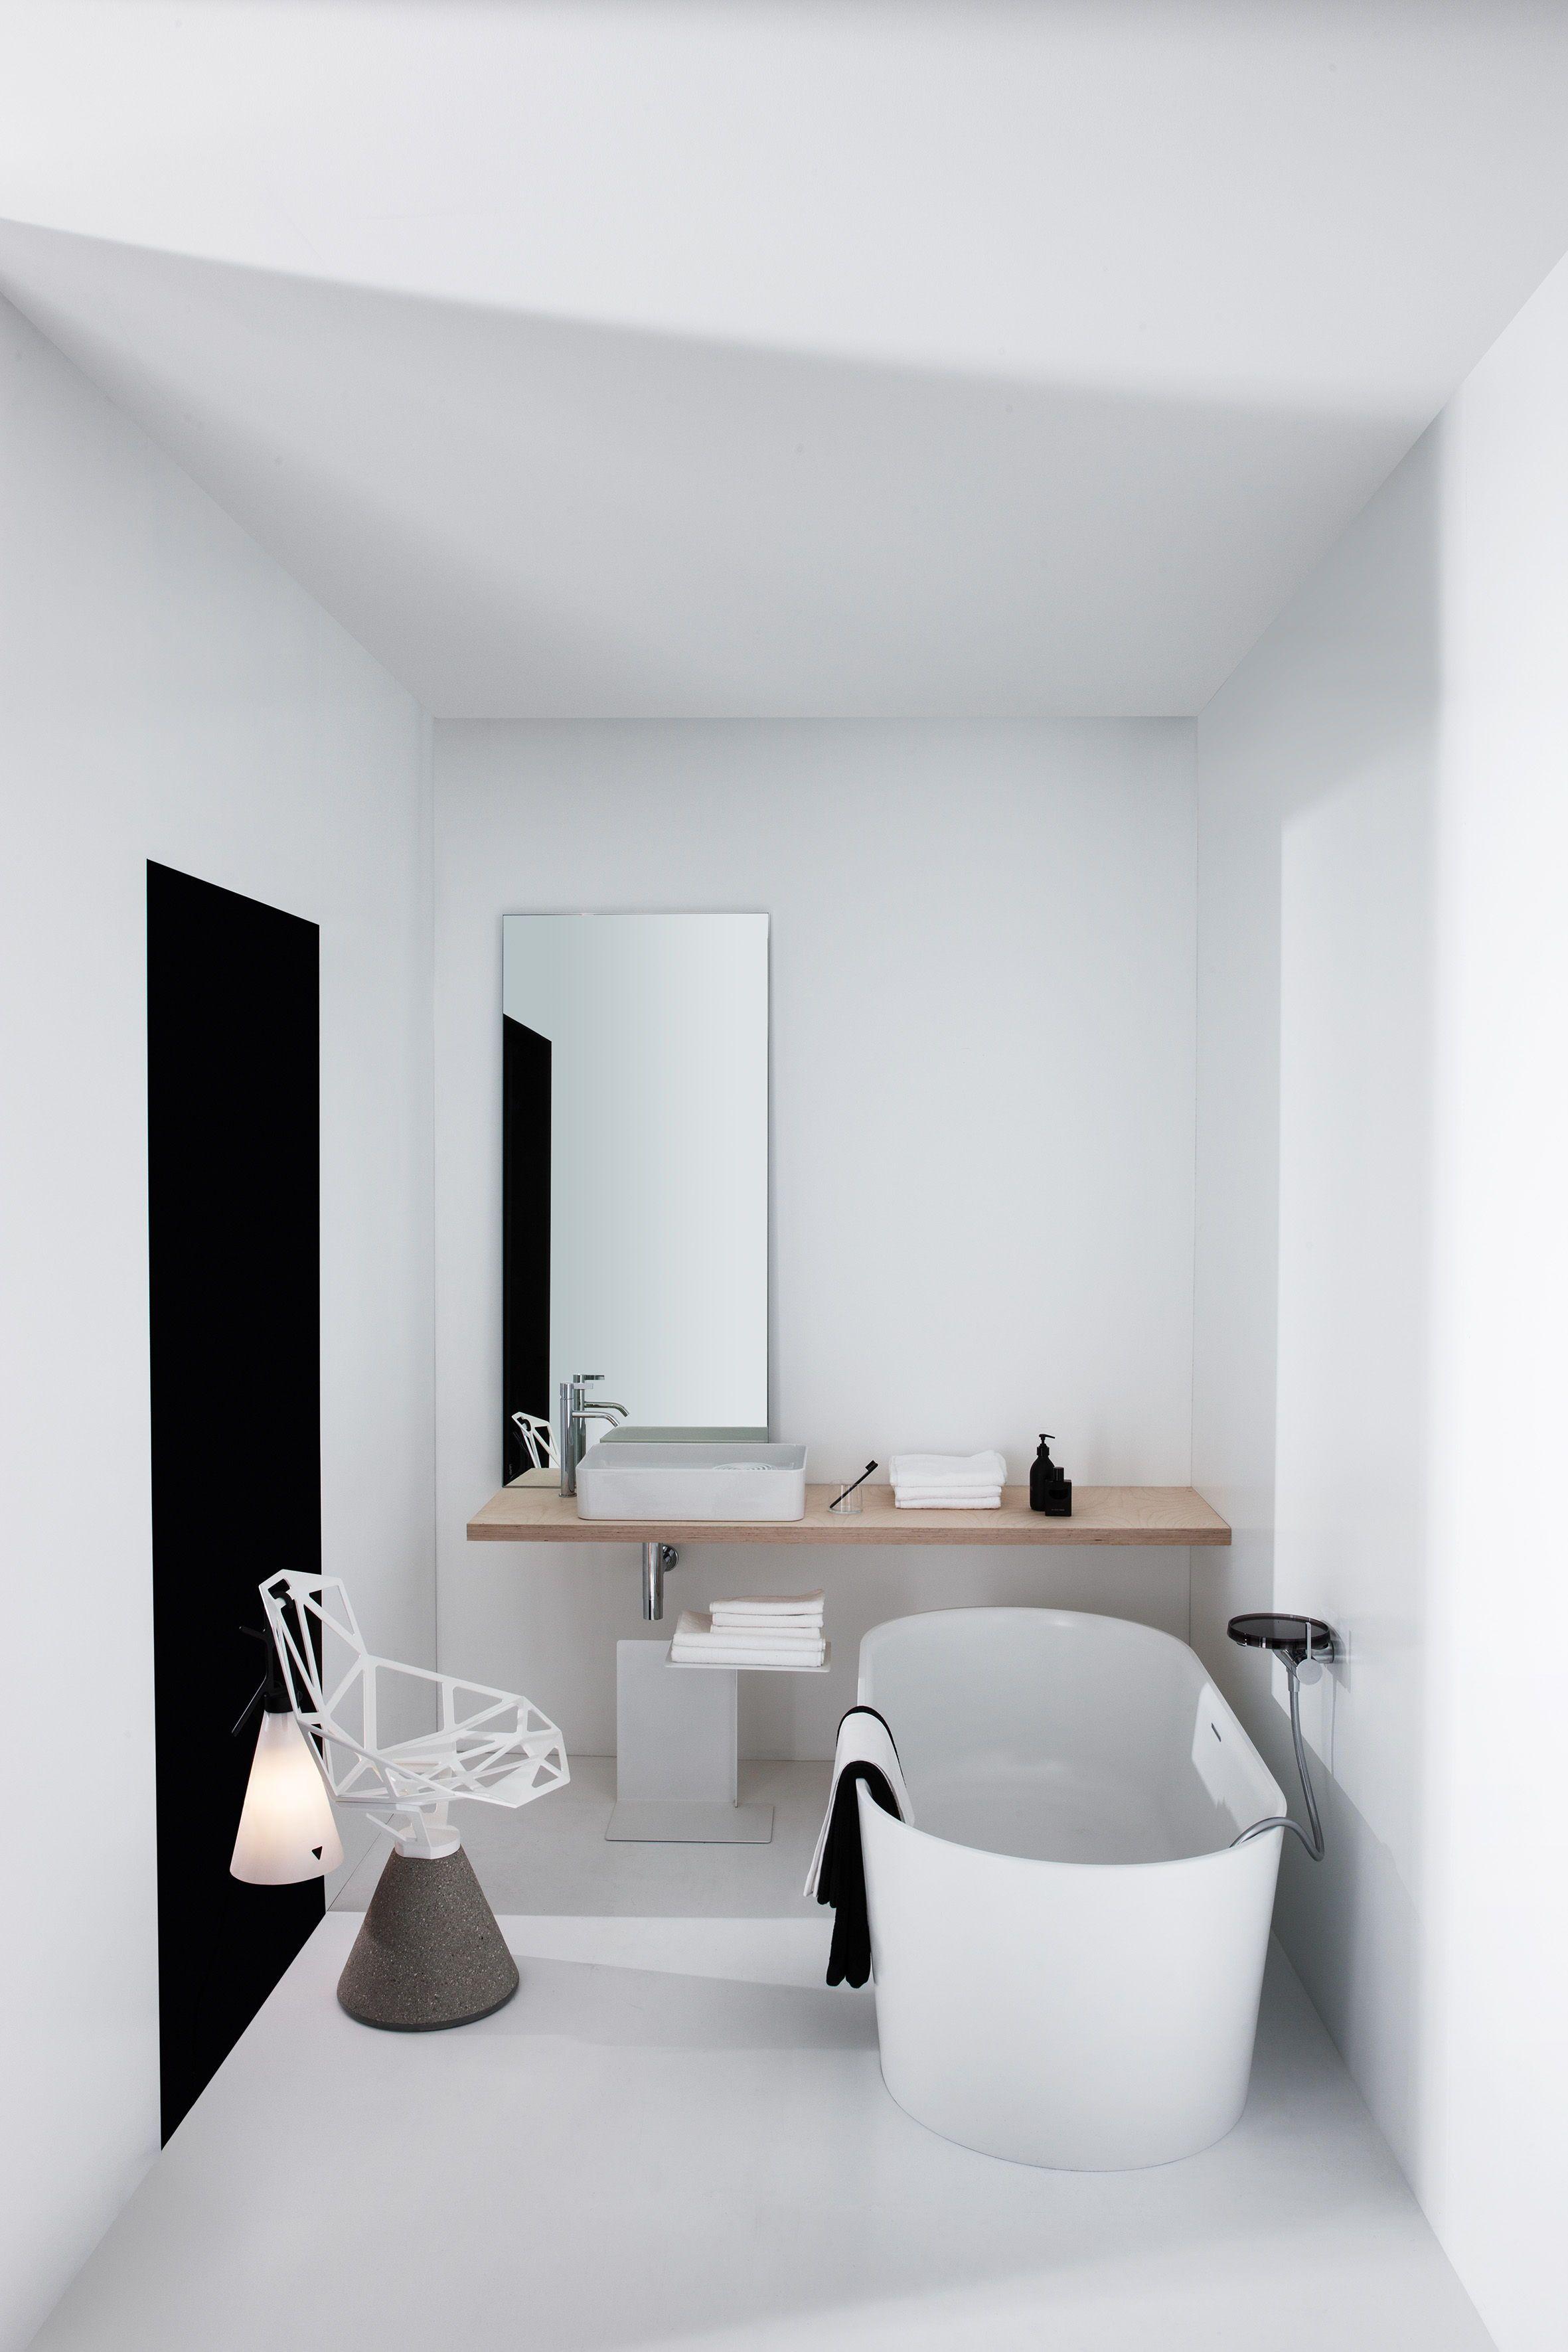 Auch In Einem Kleinen Bad Kannst Du Eine Freistehende Badewanne Verwenden.  Planung Ist Alles. Www.wohn Dir Was.de Hilft. Bildmaterial: (c) LAUFEN